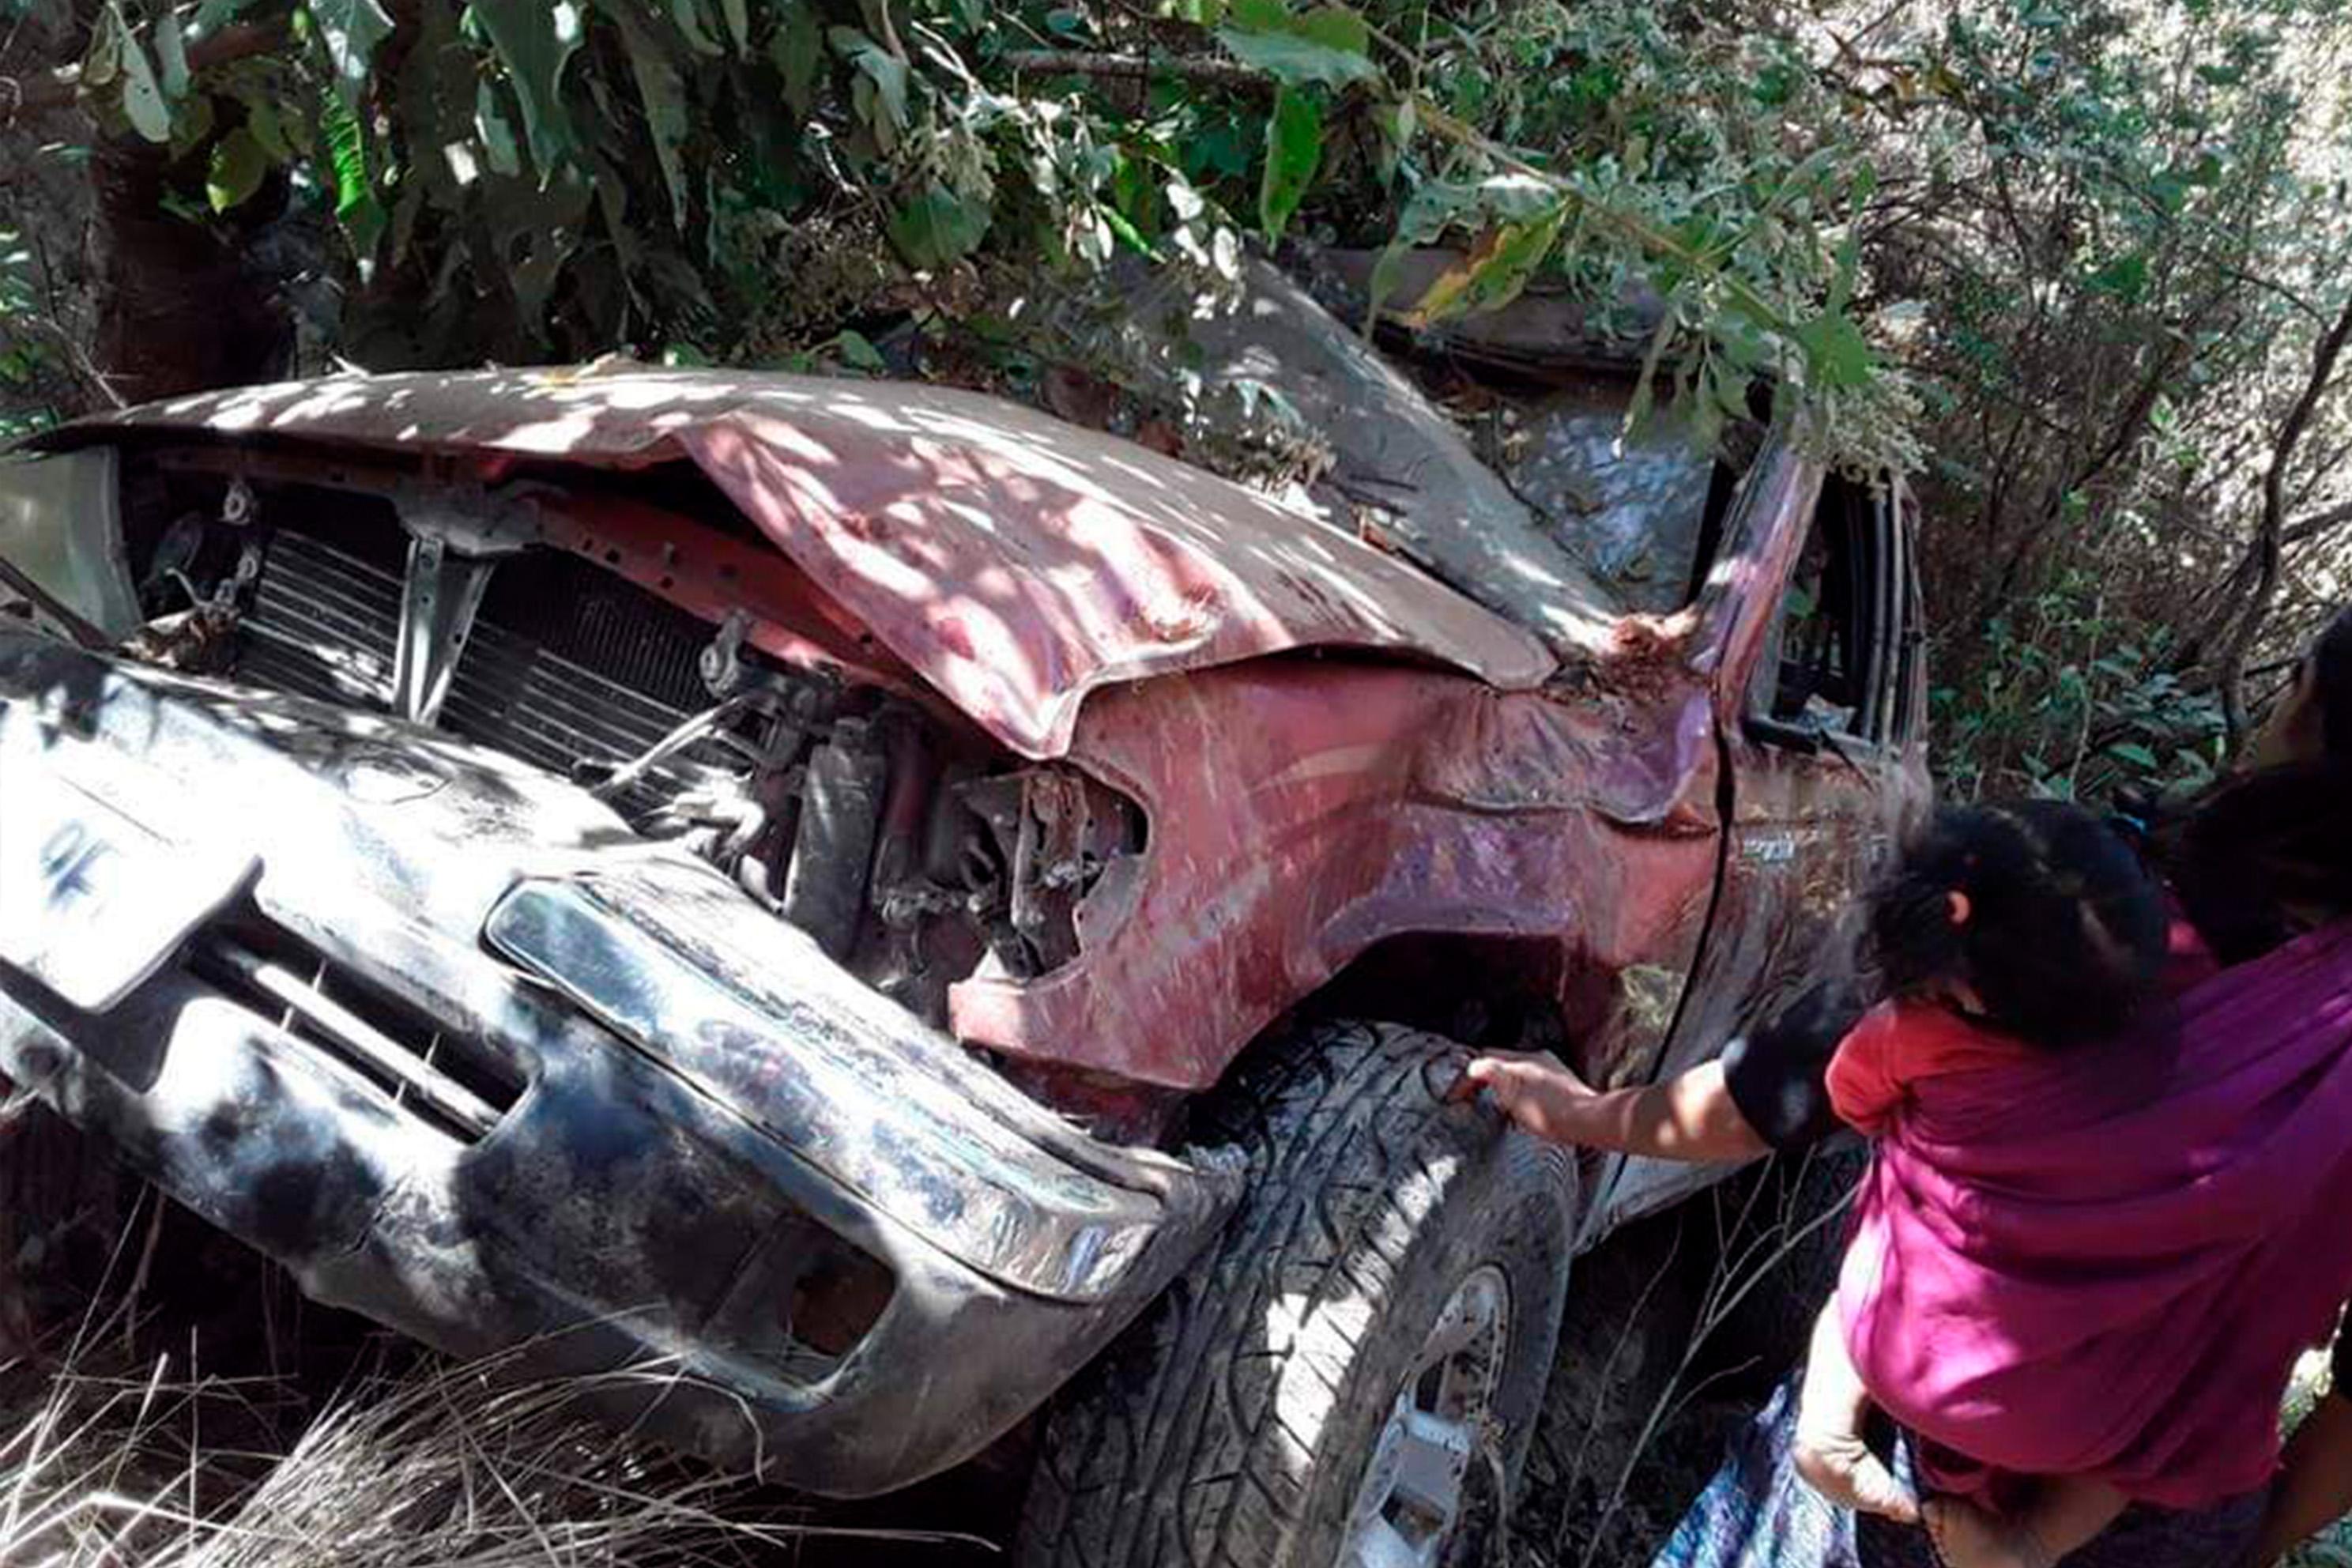 El picop, que, según pobladores, iba sobrecargado, quedó destruido en el fondo del barranco en Concepción Tutuapa, San Marcos. (Foto Prensa Libre: Whitmer Barrera)